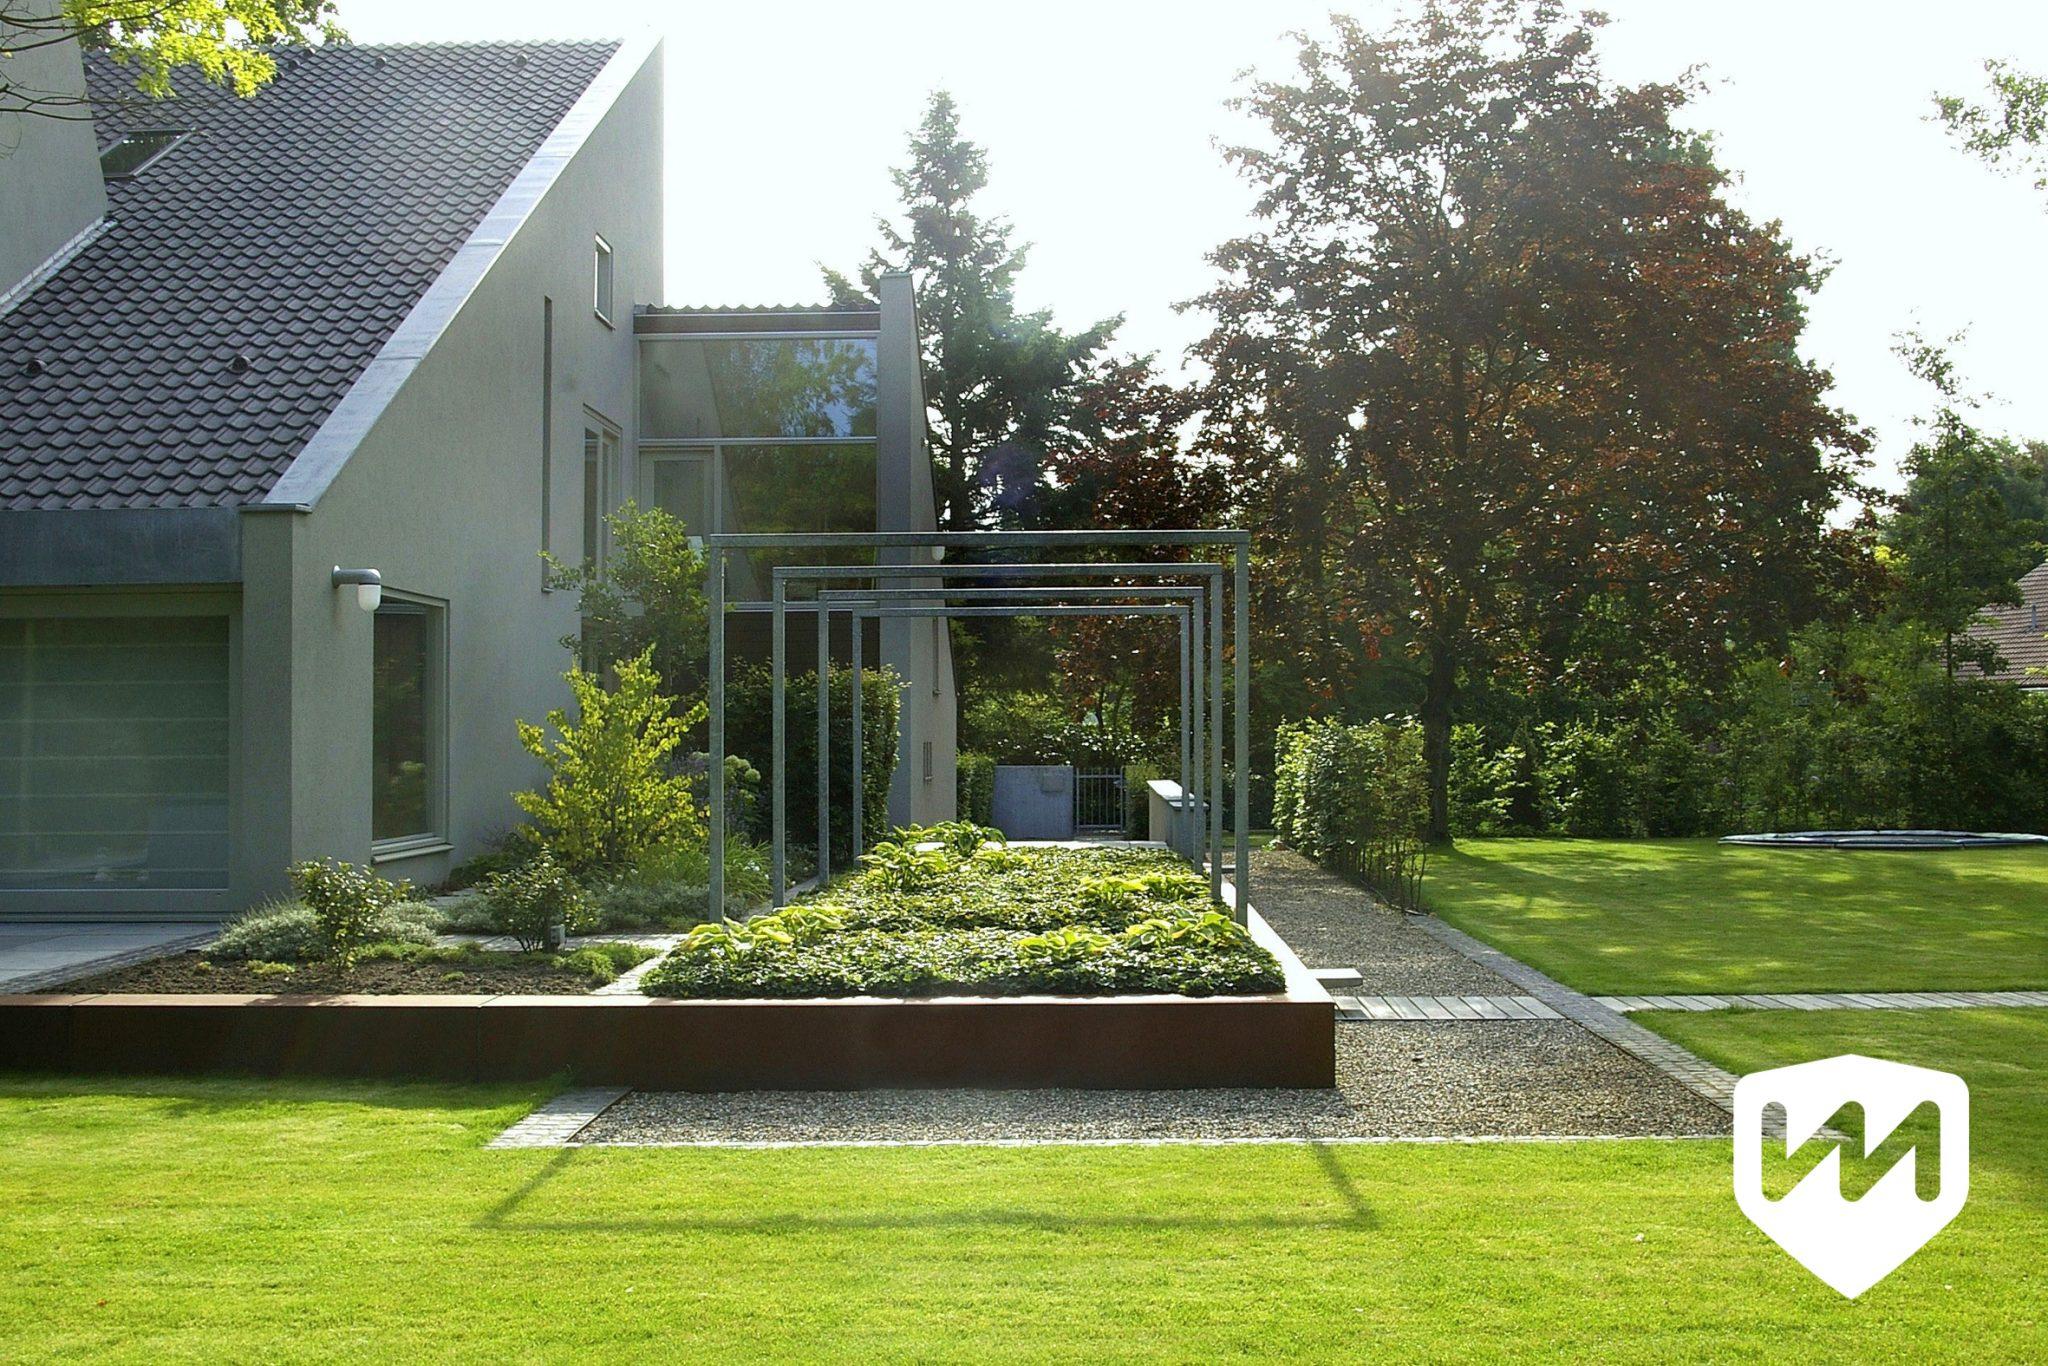 moderne tuin met zwemvijver en poolhouse van mierlo tuinen On tuin met zwemvijver